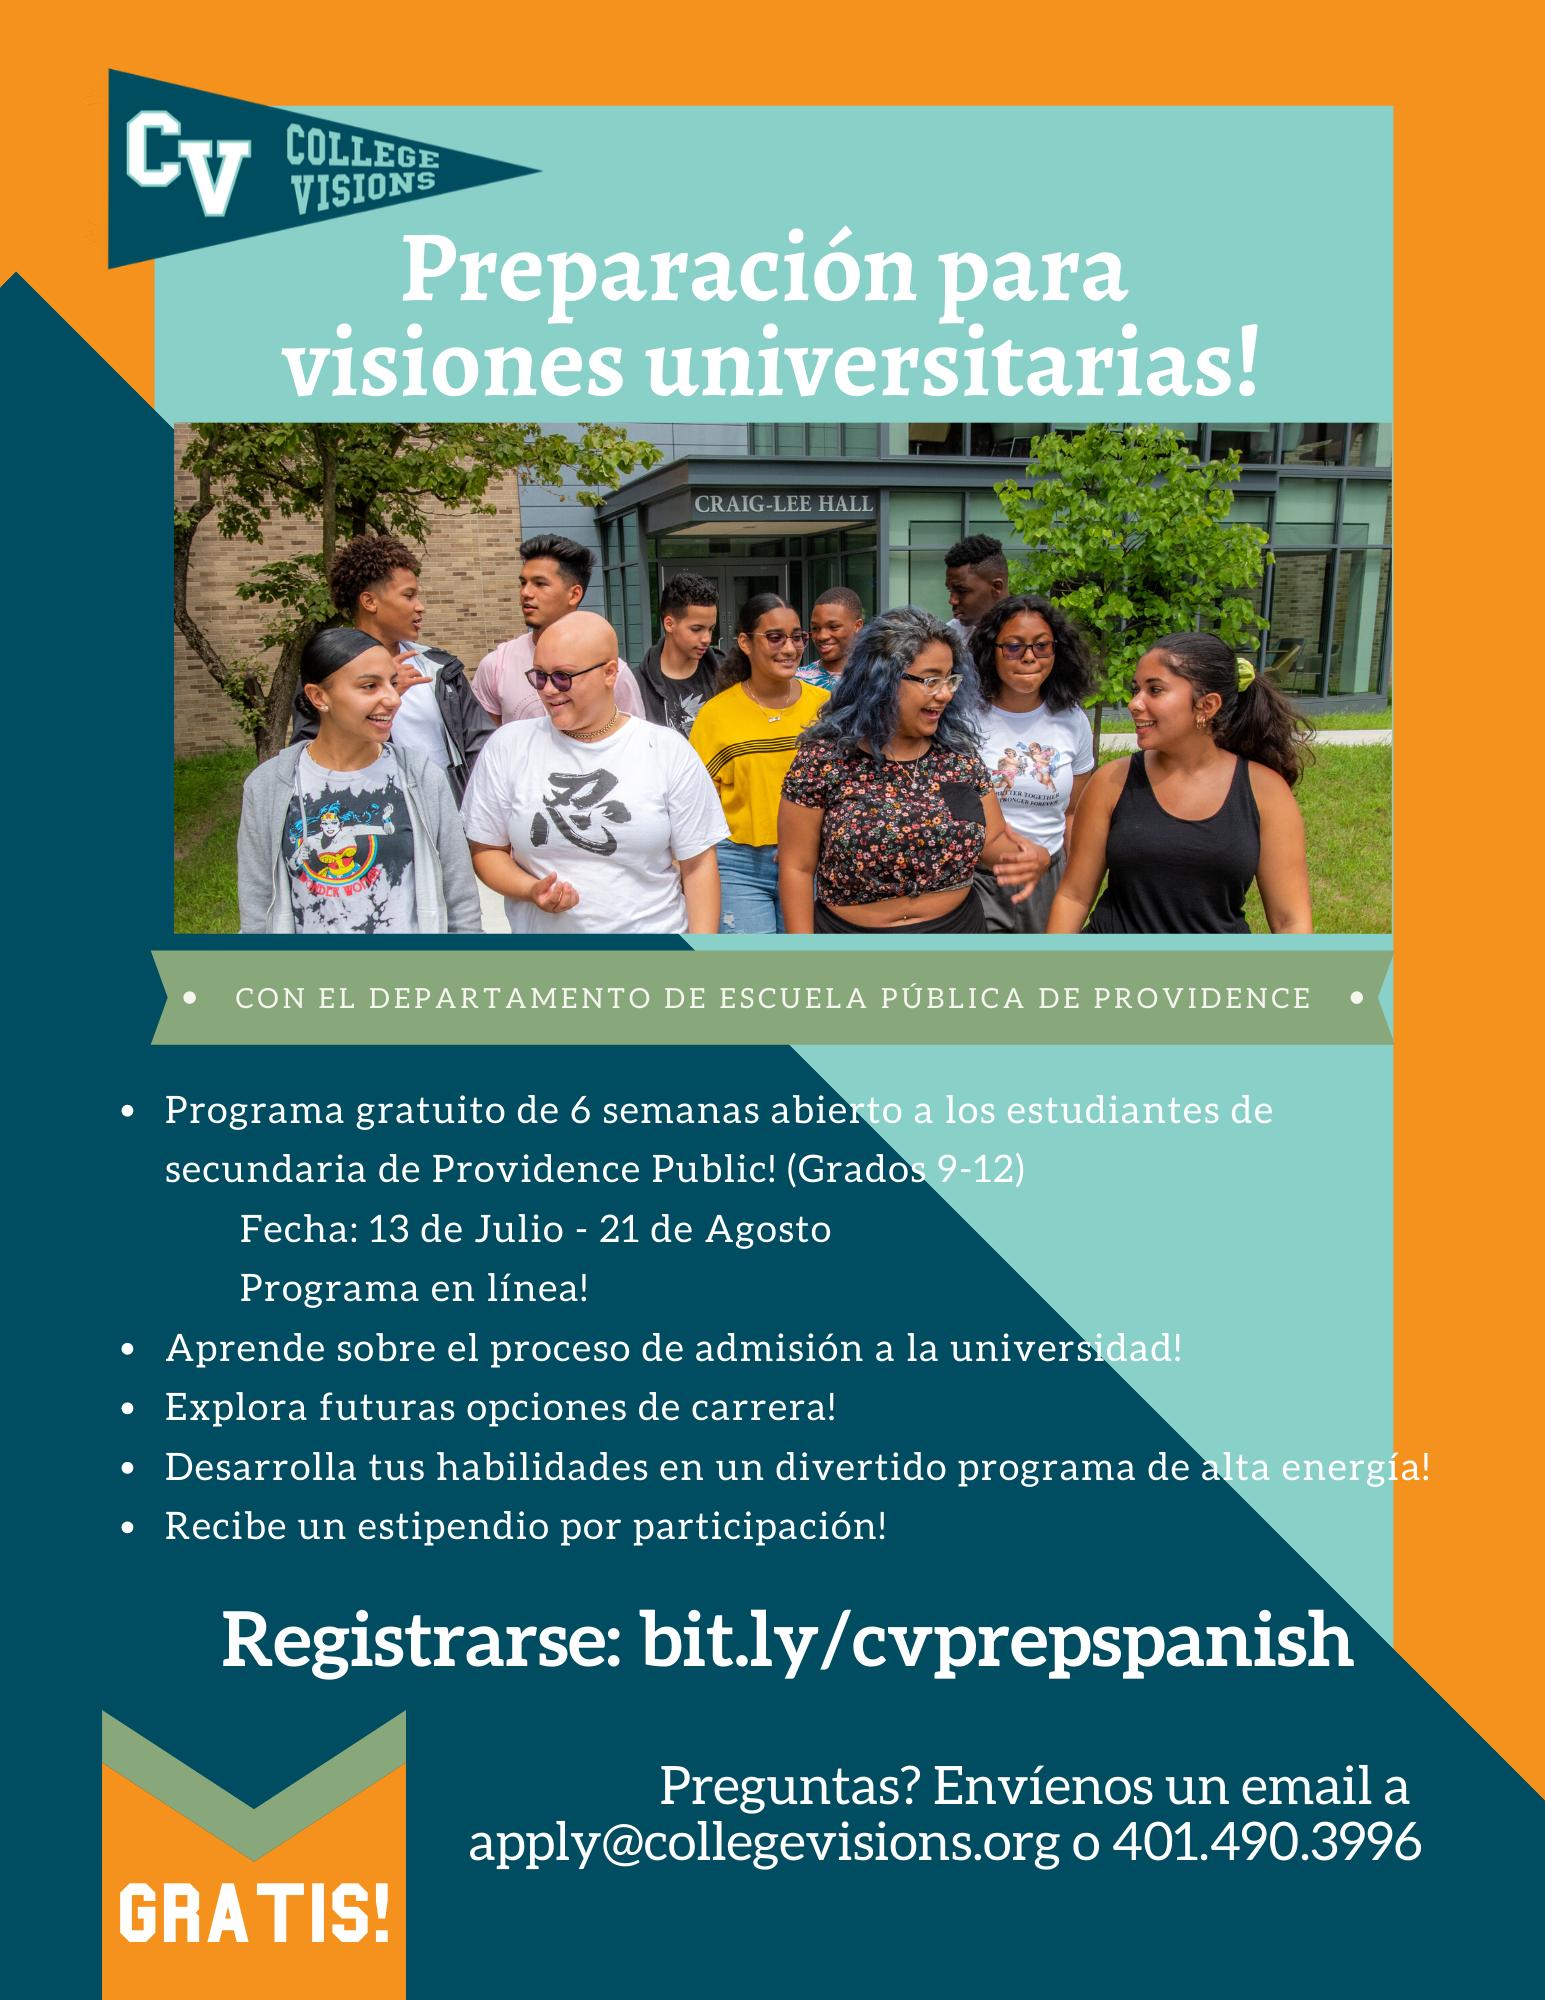 CV Prep 20 Spanish